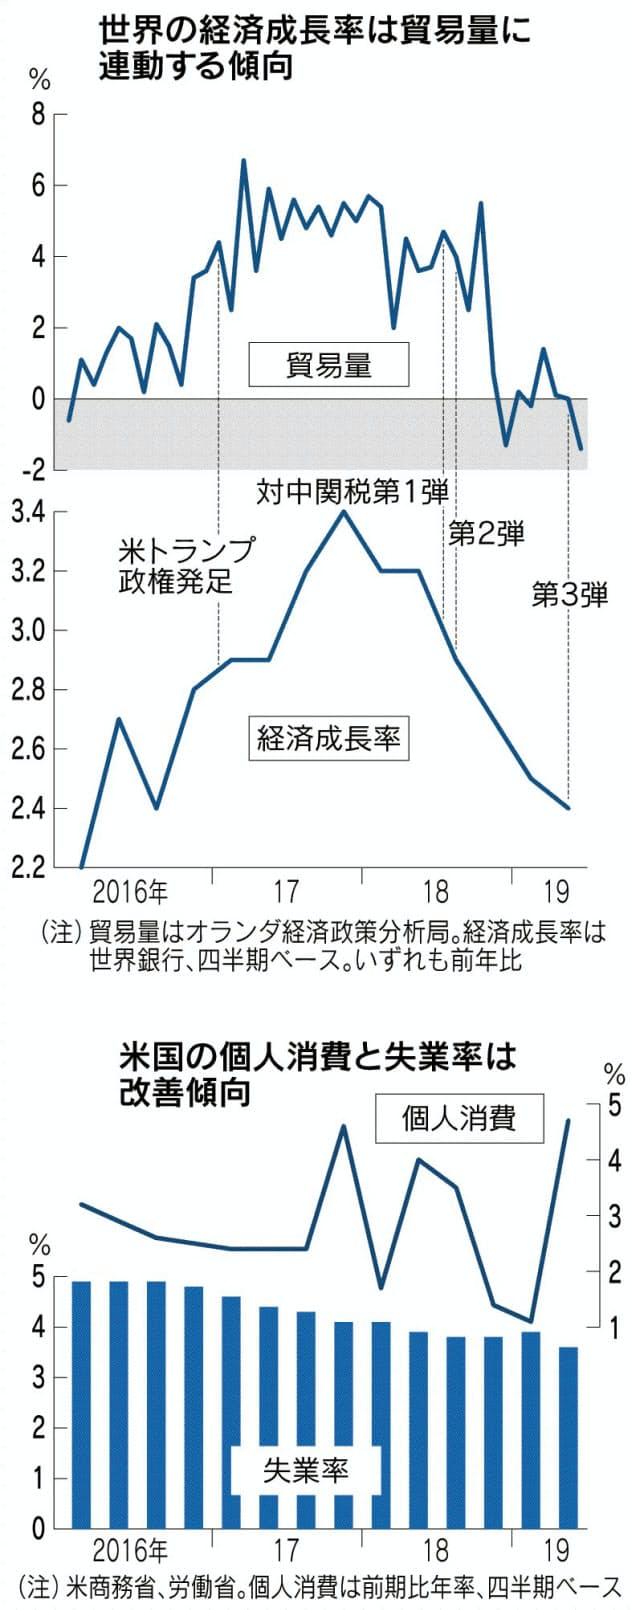 貿易と投資、同時減速 米中摩擦、製造業に影